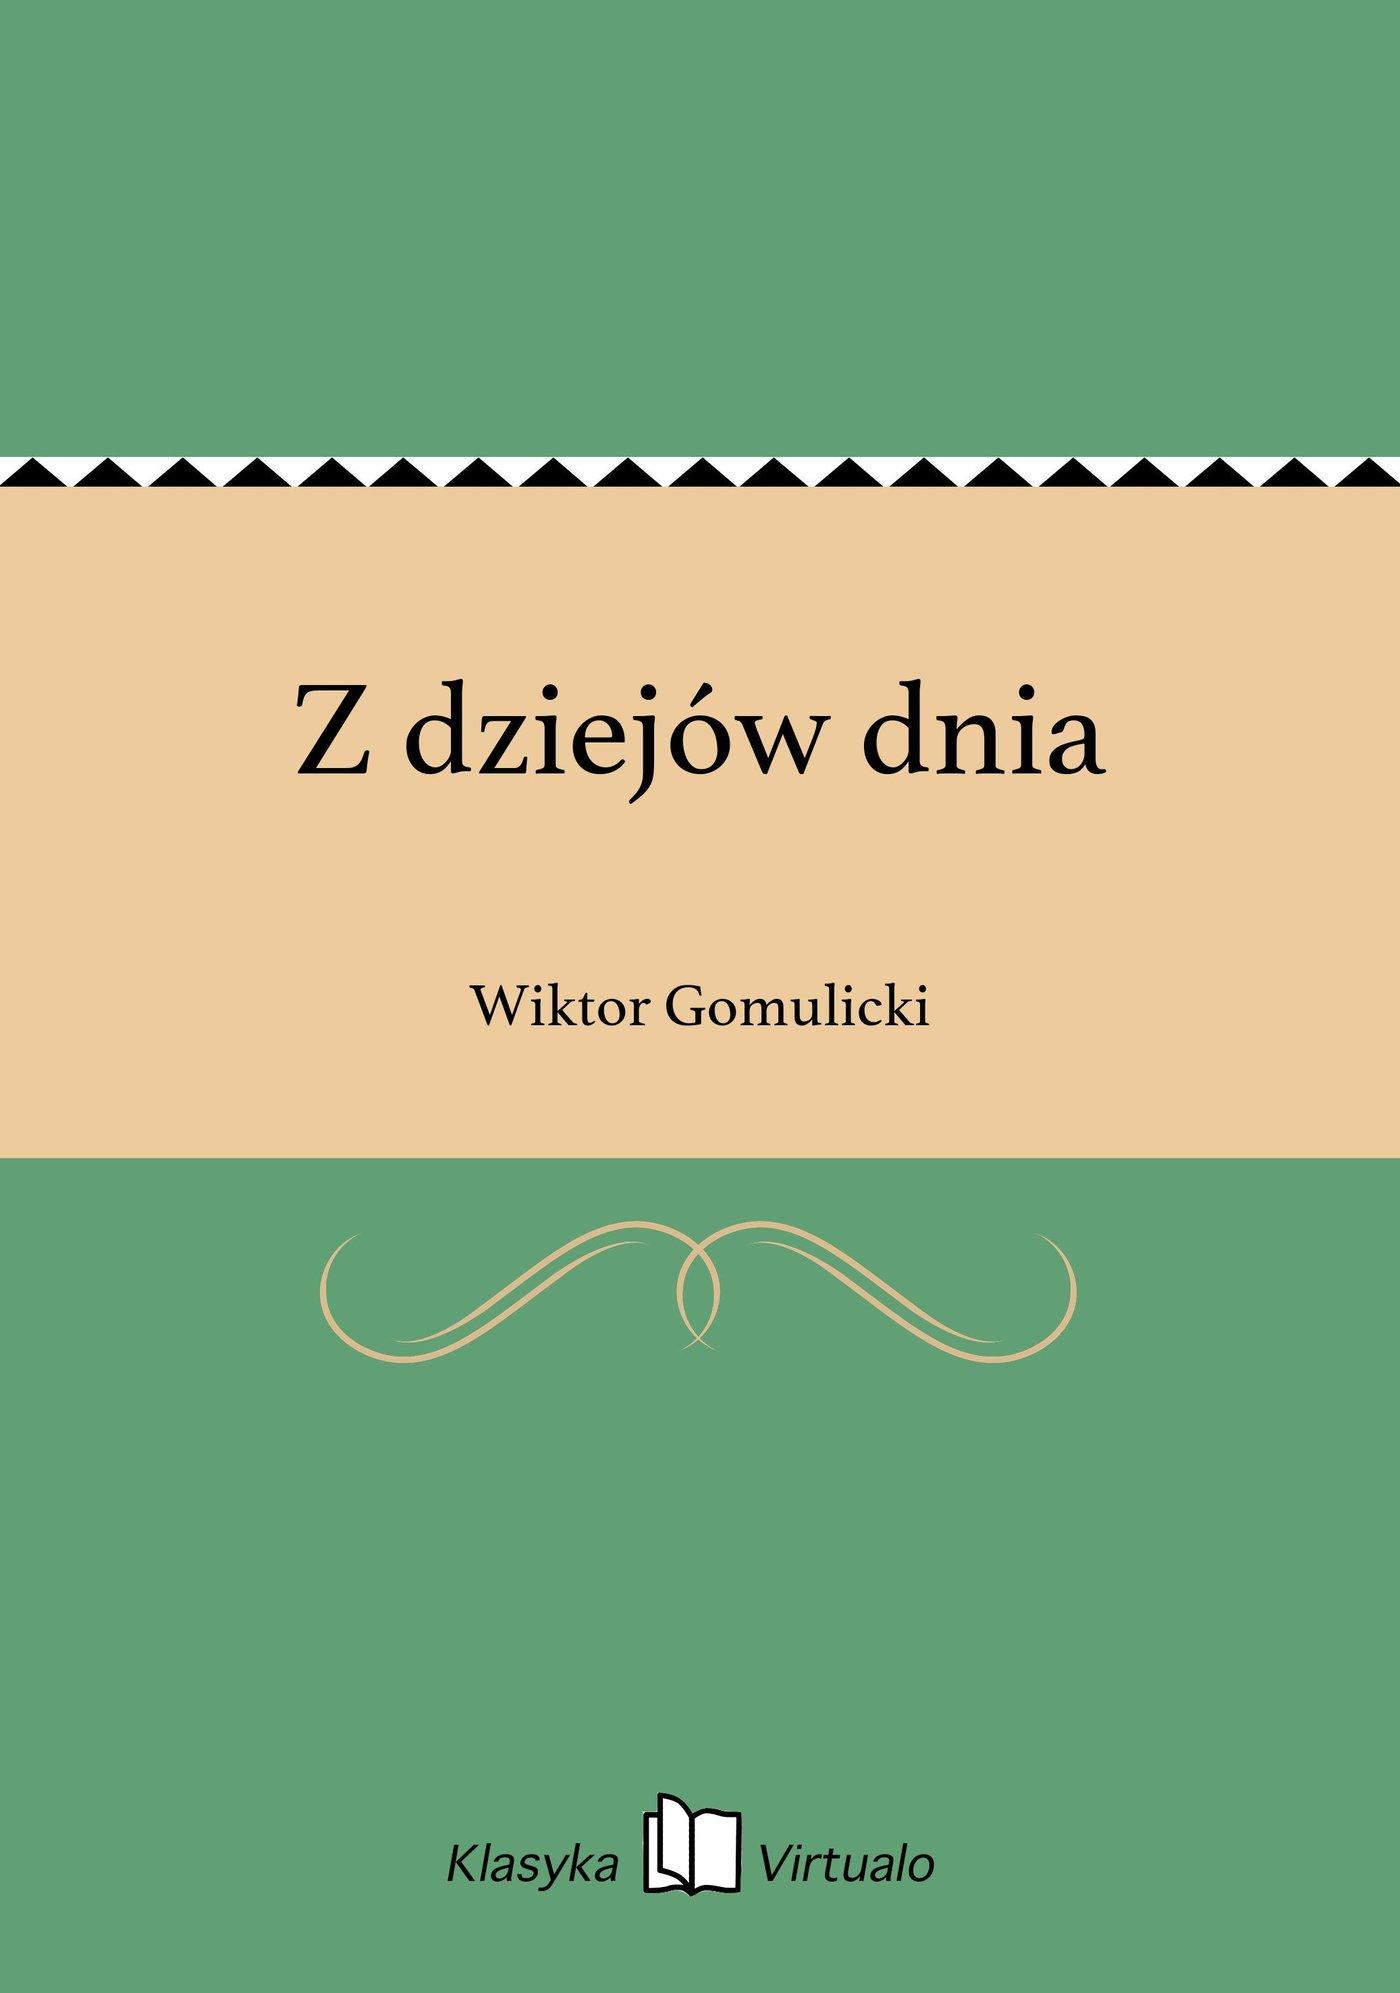 Z dziejów dnia - Ebook (Książka EPUB) do pobrania w formacie EPUB